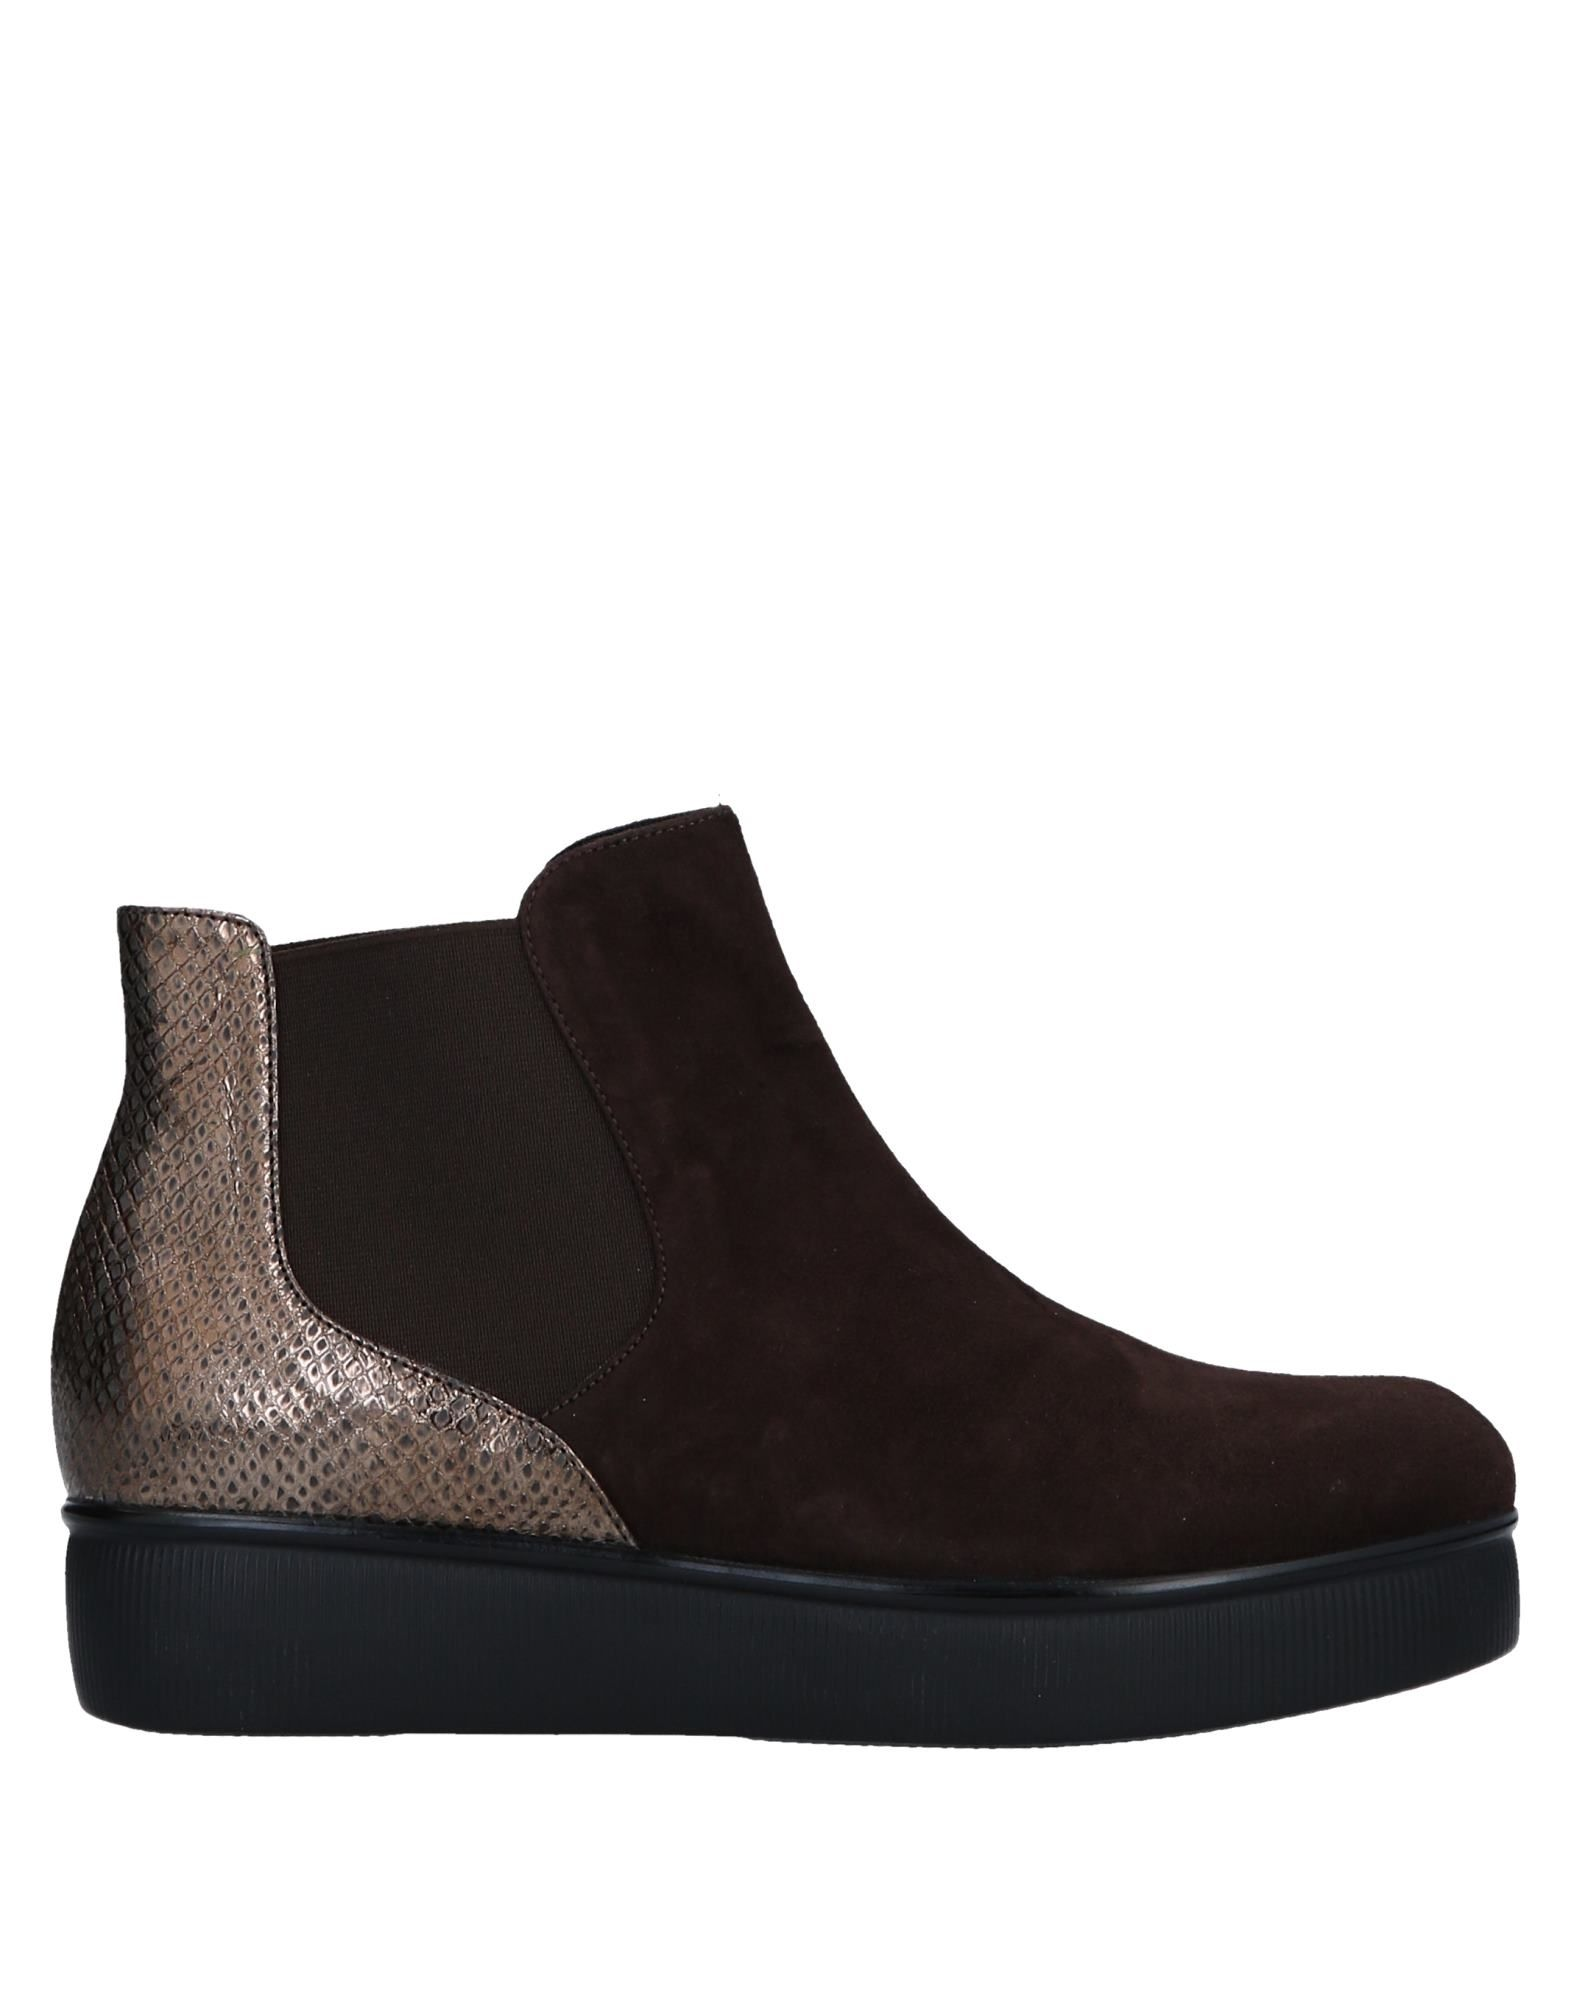 Chelsea Boots Guido Sgariglia Donna 11514262DN - 11514262DN Donna 367152